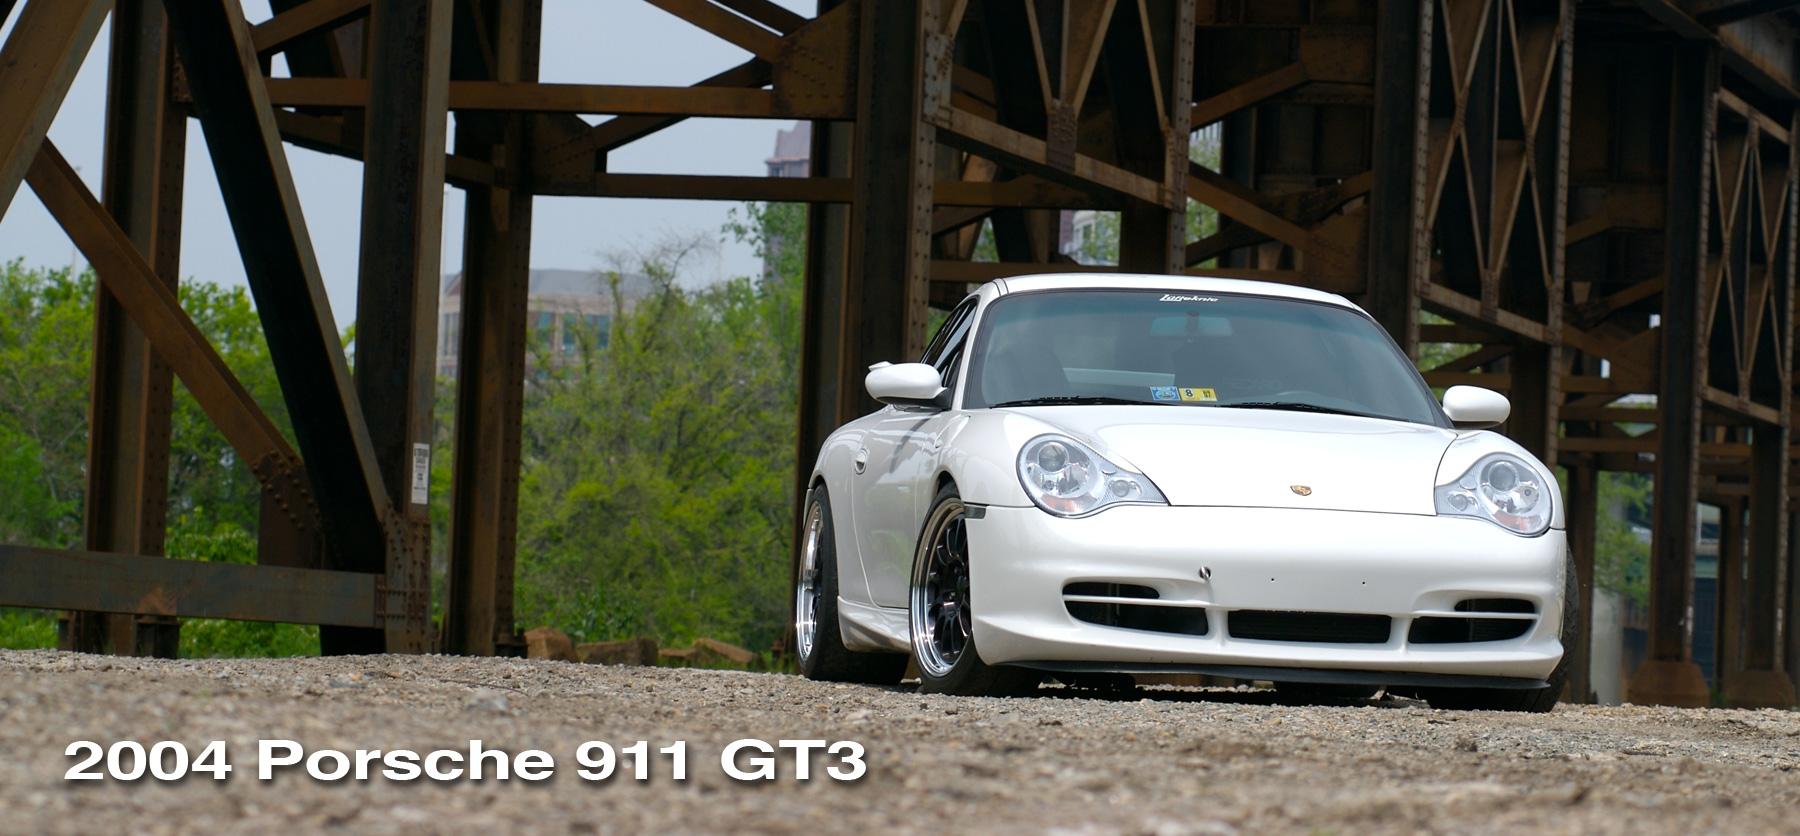 White 996 Porsche Gt3 header image.